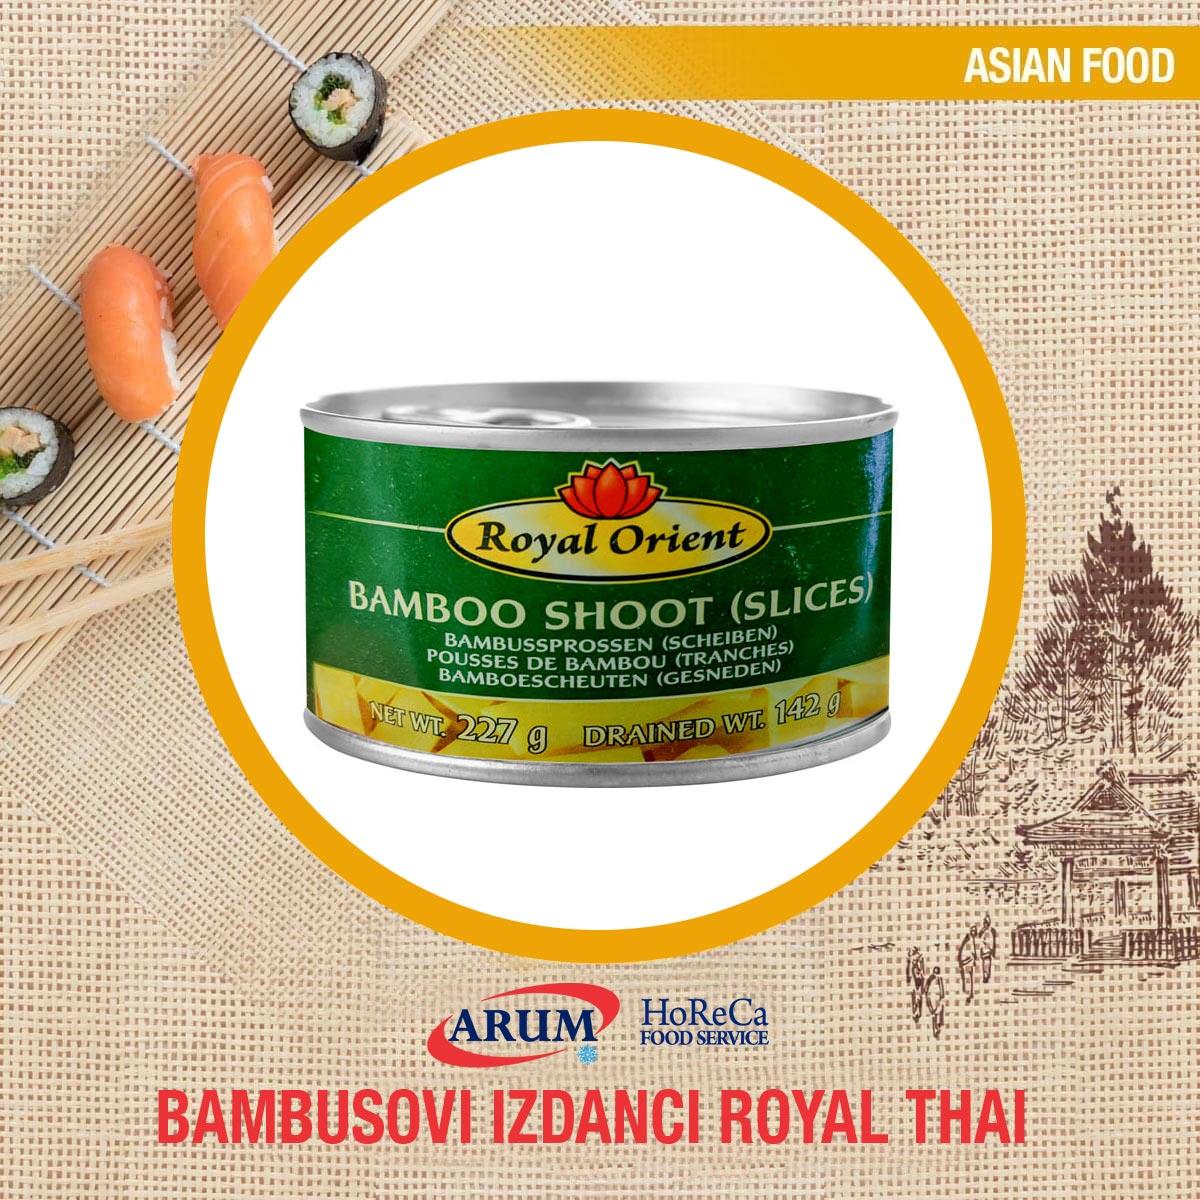 Bambusovi izdanci 540gr royal thai